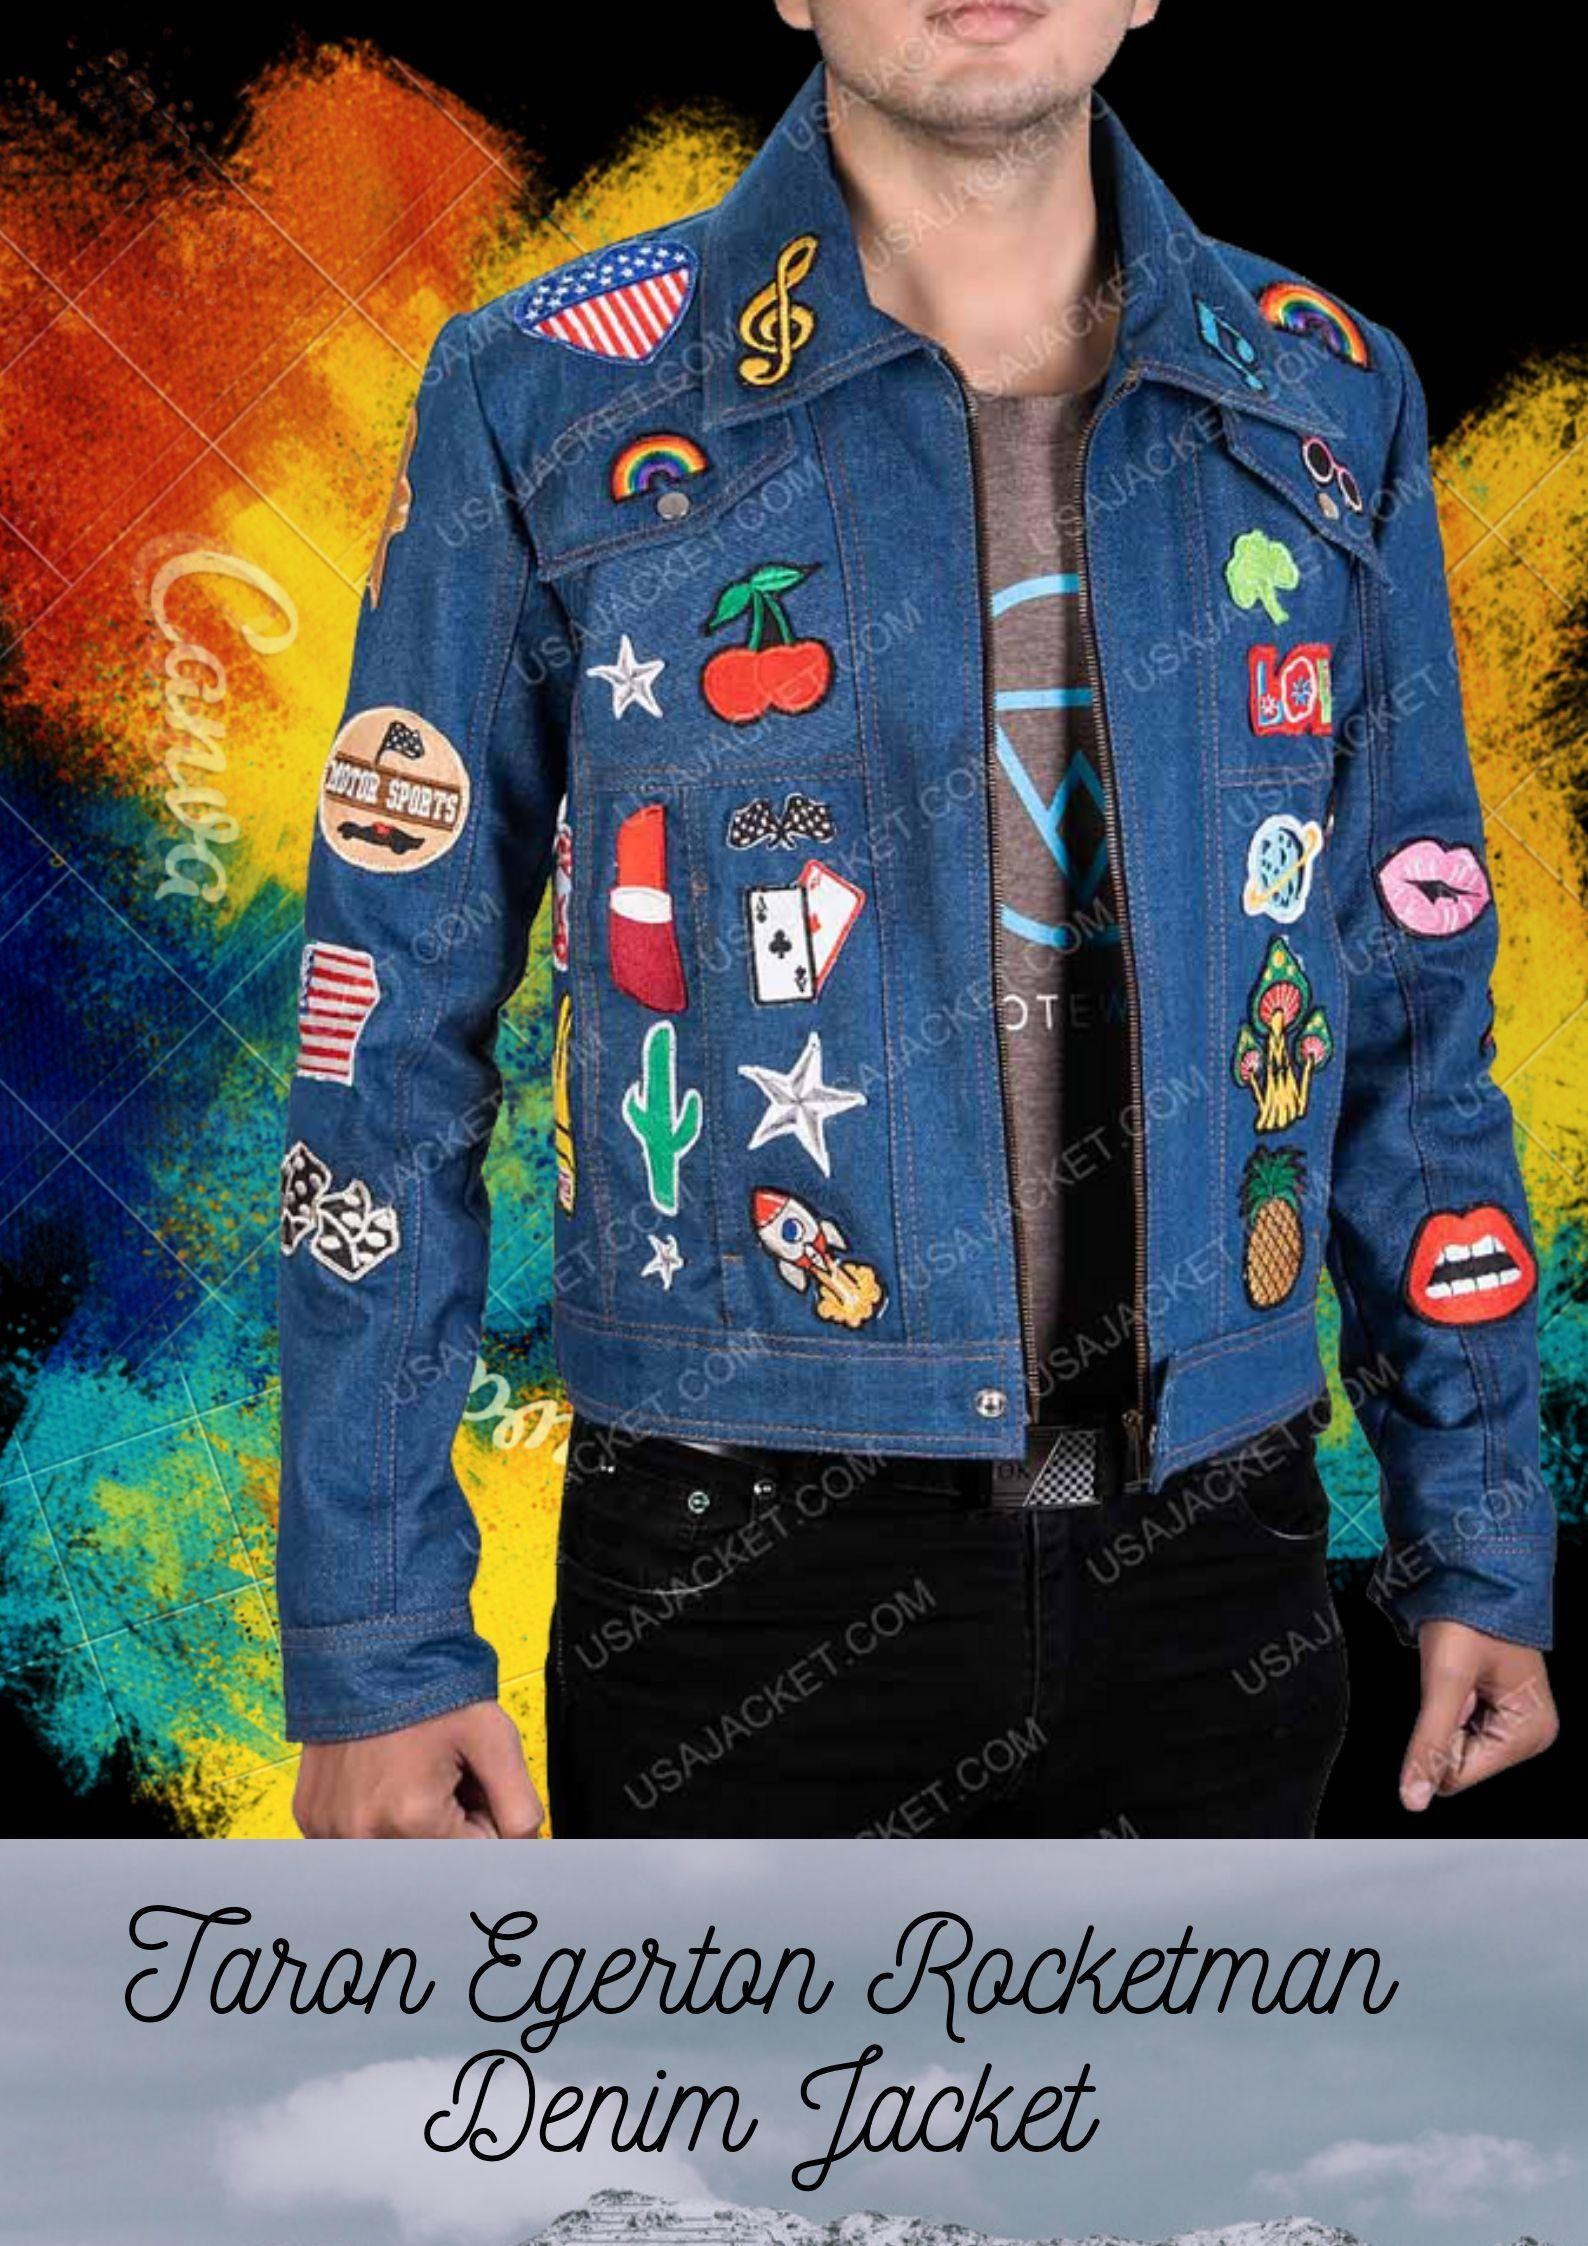 Rocketman Elton John Denim Jacket With Patches Denim Jacket Denim Jacket Patches Denim [ 2246 x 1588 Pixel ]